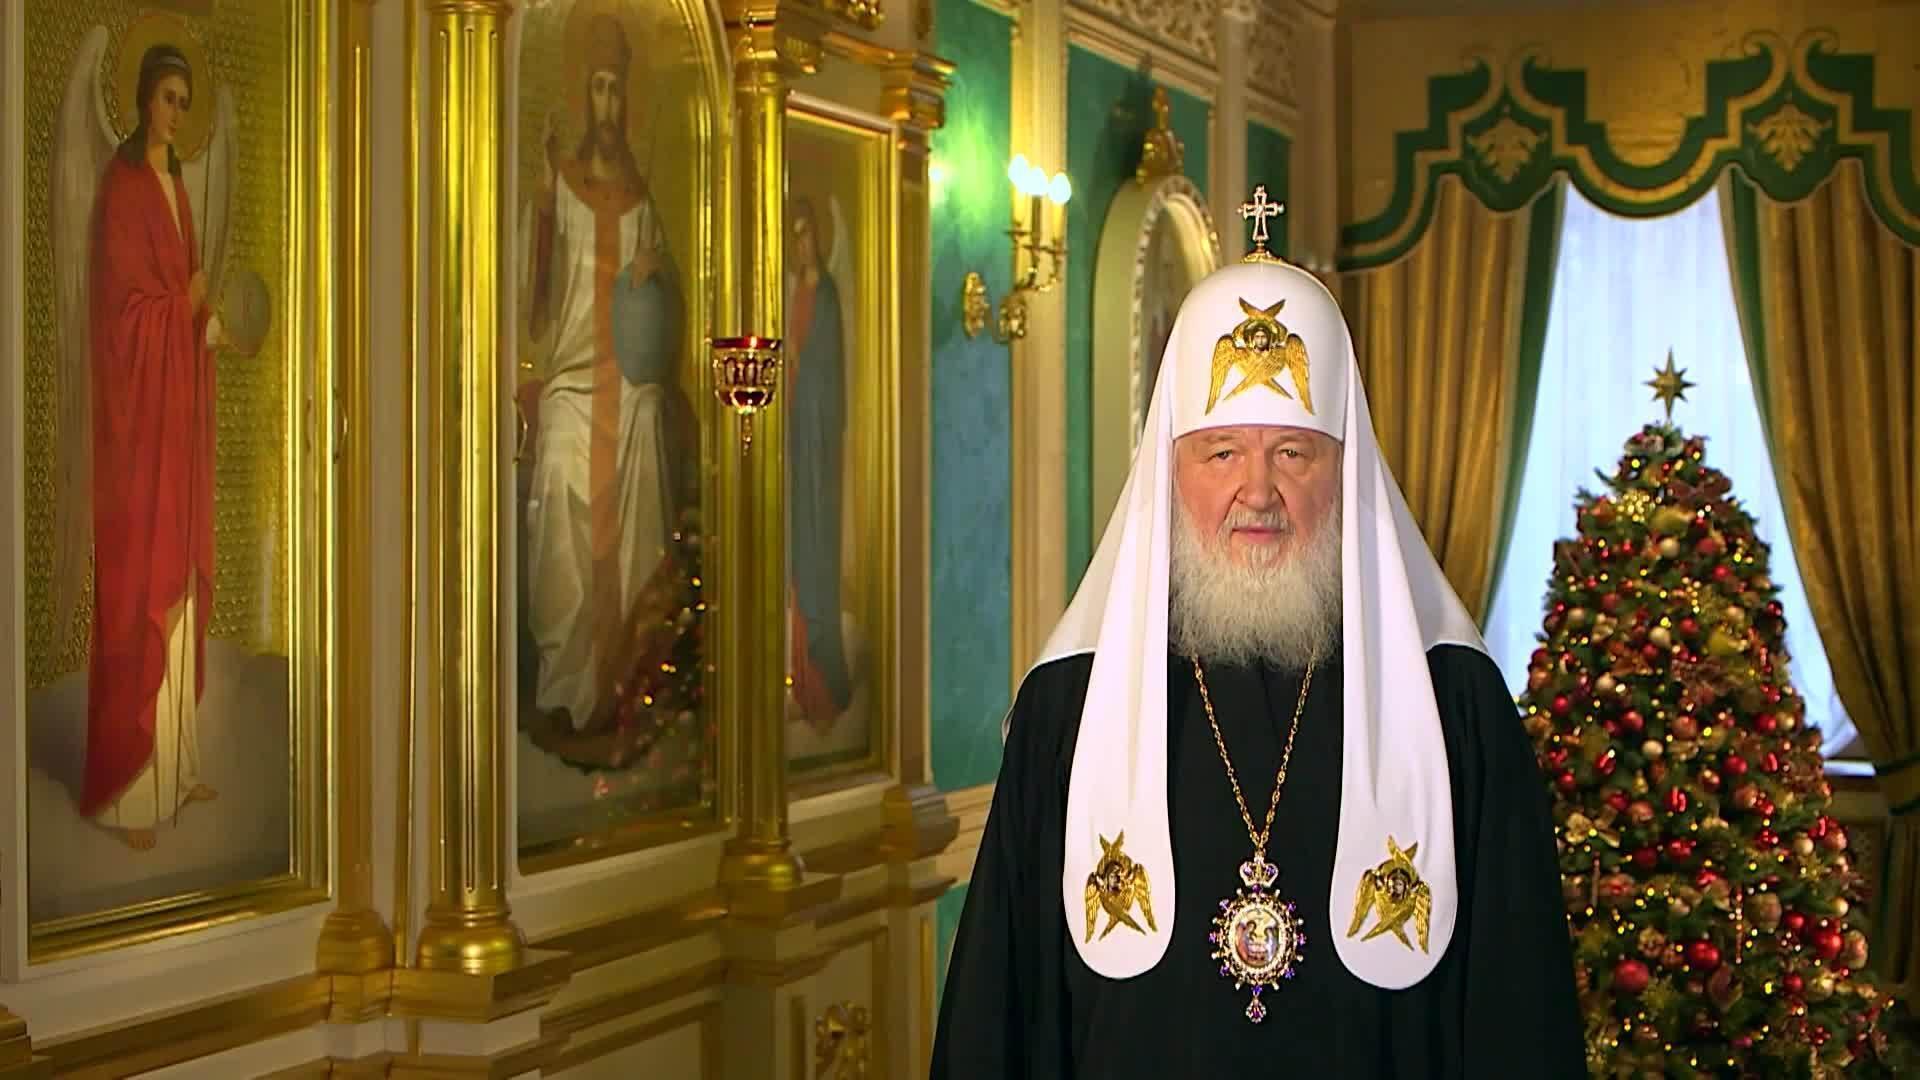 Поздравления с рождеством христовым от патриарха кирилла